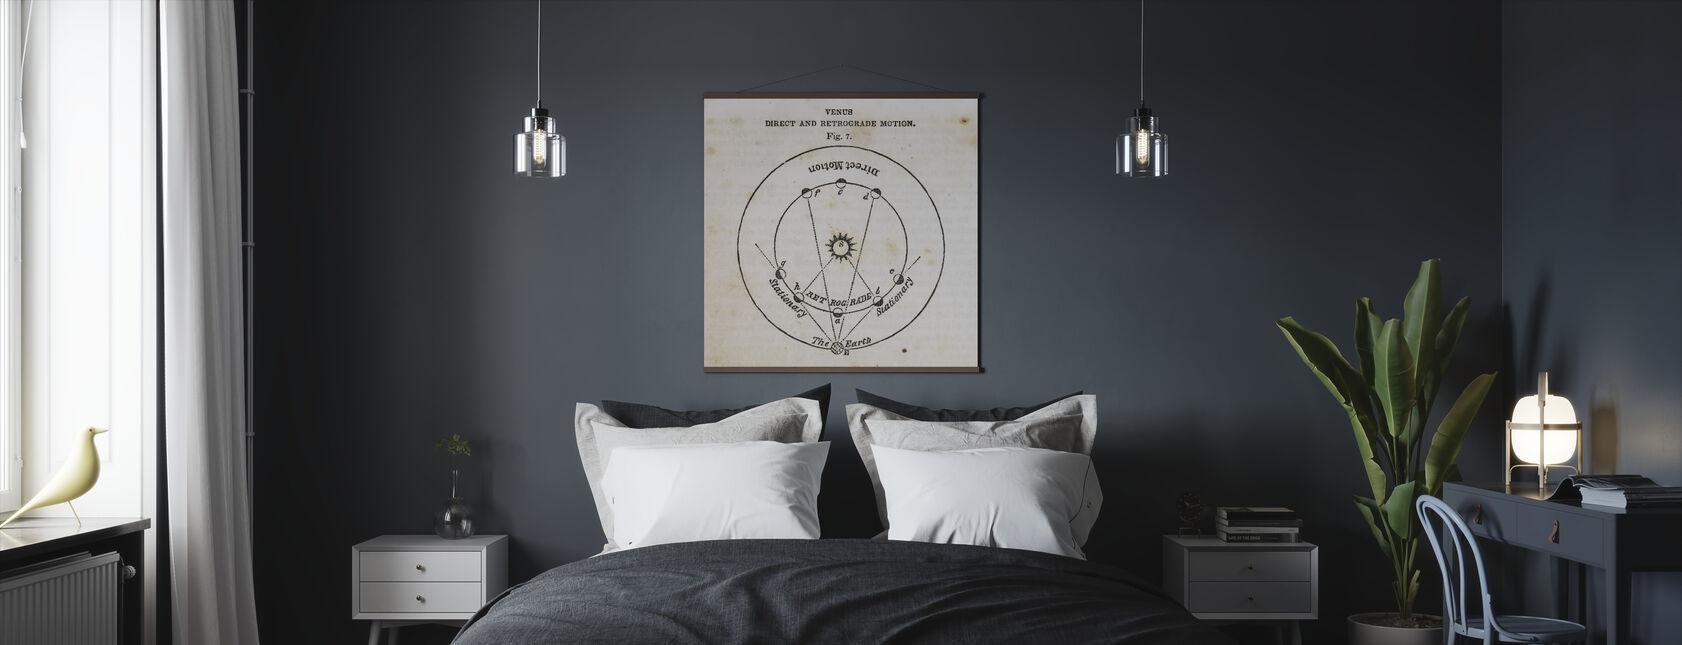 Geographie des Himmels IX - Poster - Schlafzimmer